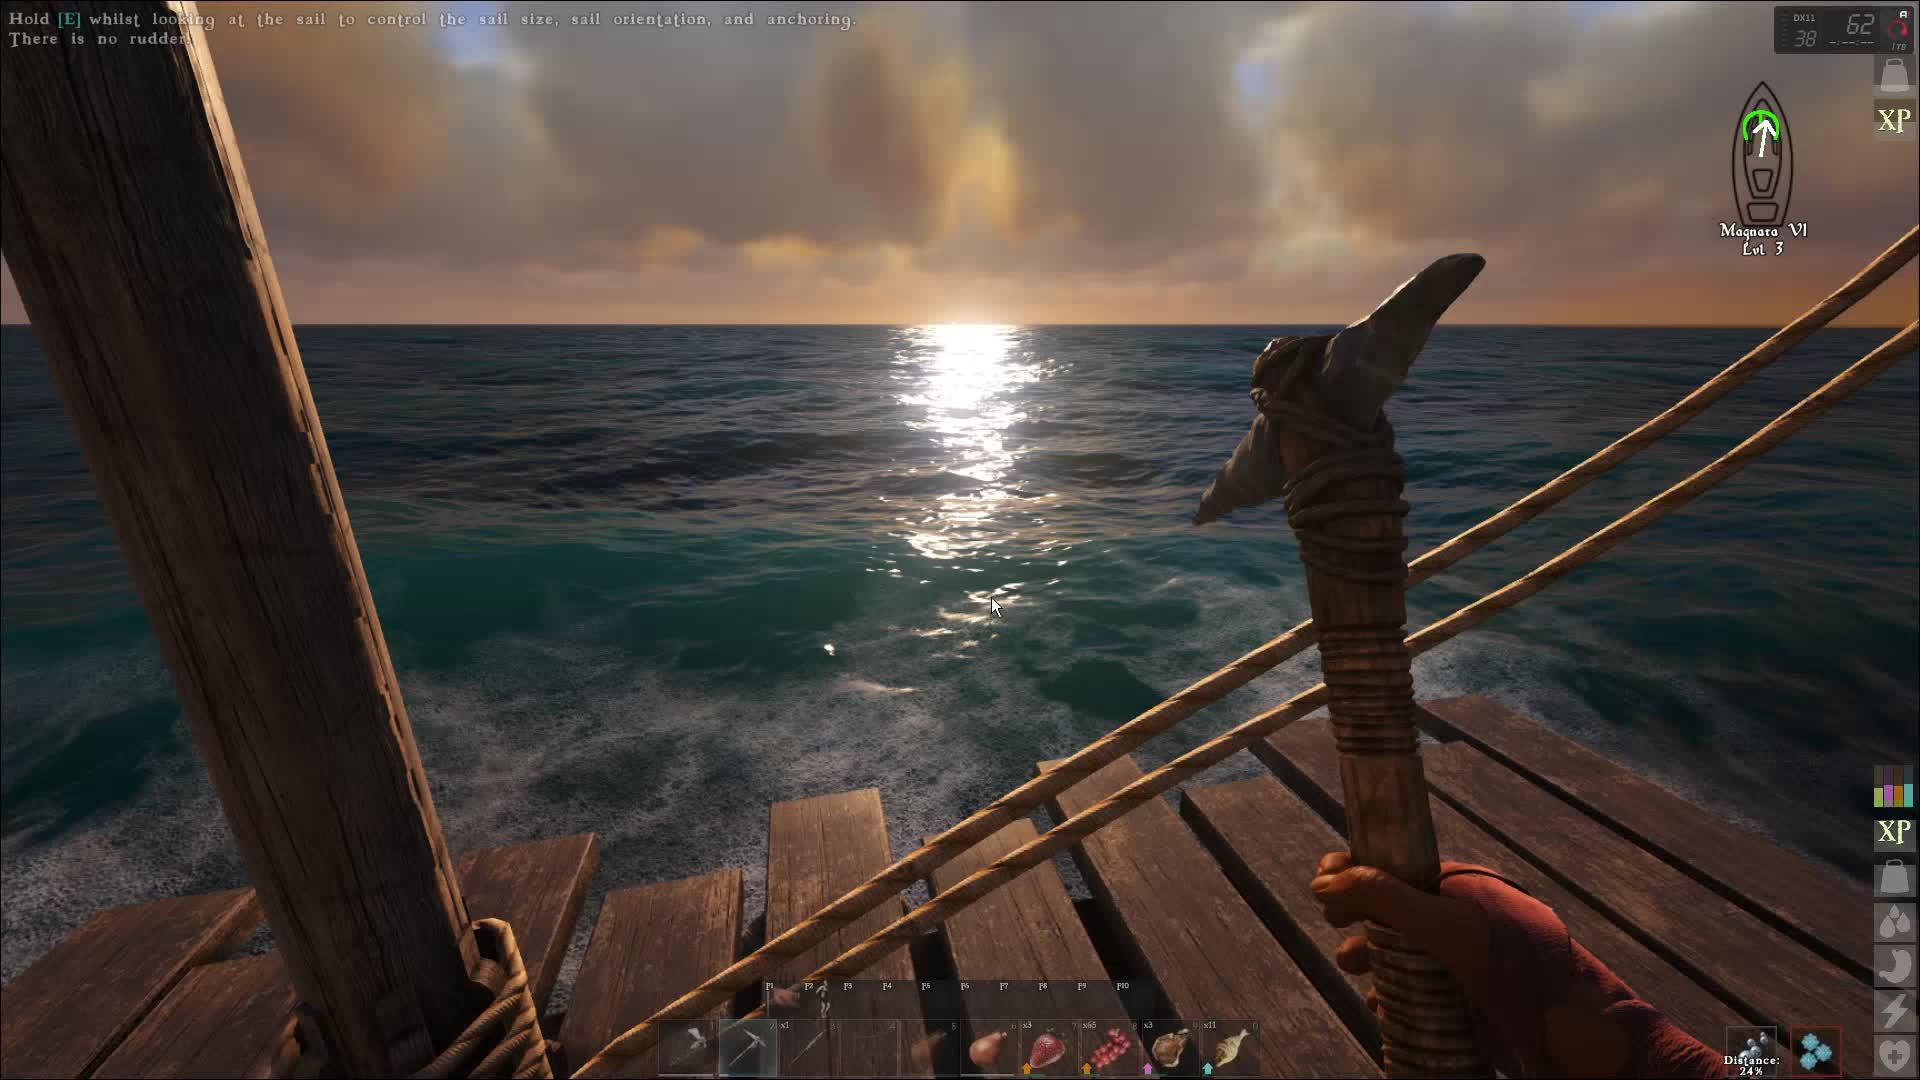 Atlas, Sailing, Sunset, Atlas - Sailing Into Sunset GIFs